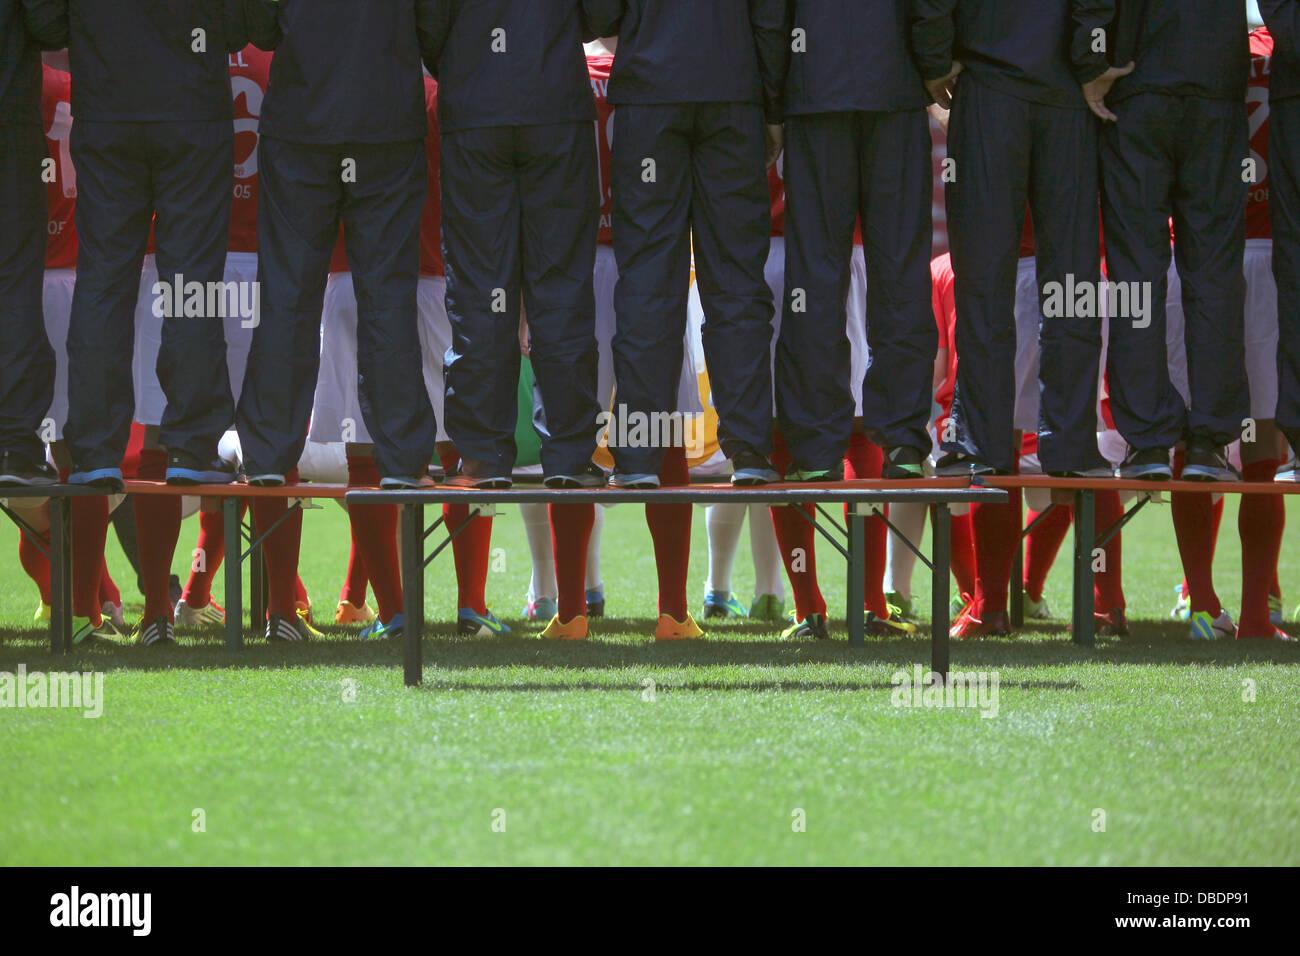 Die Spieler und Betreuer vom Fußballbundesligisten 1. FSV Mainz 05, aufgenommen beim offiziellen Fototermin - Stock Image